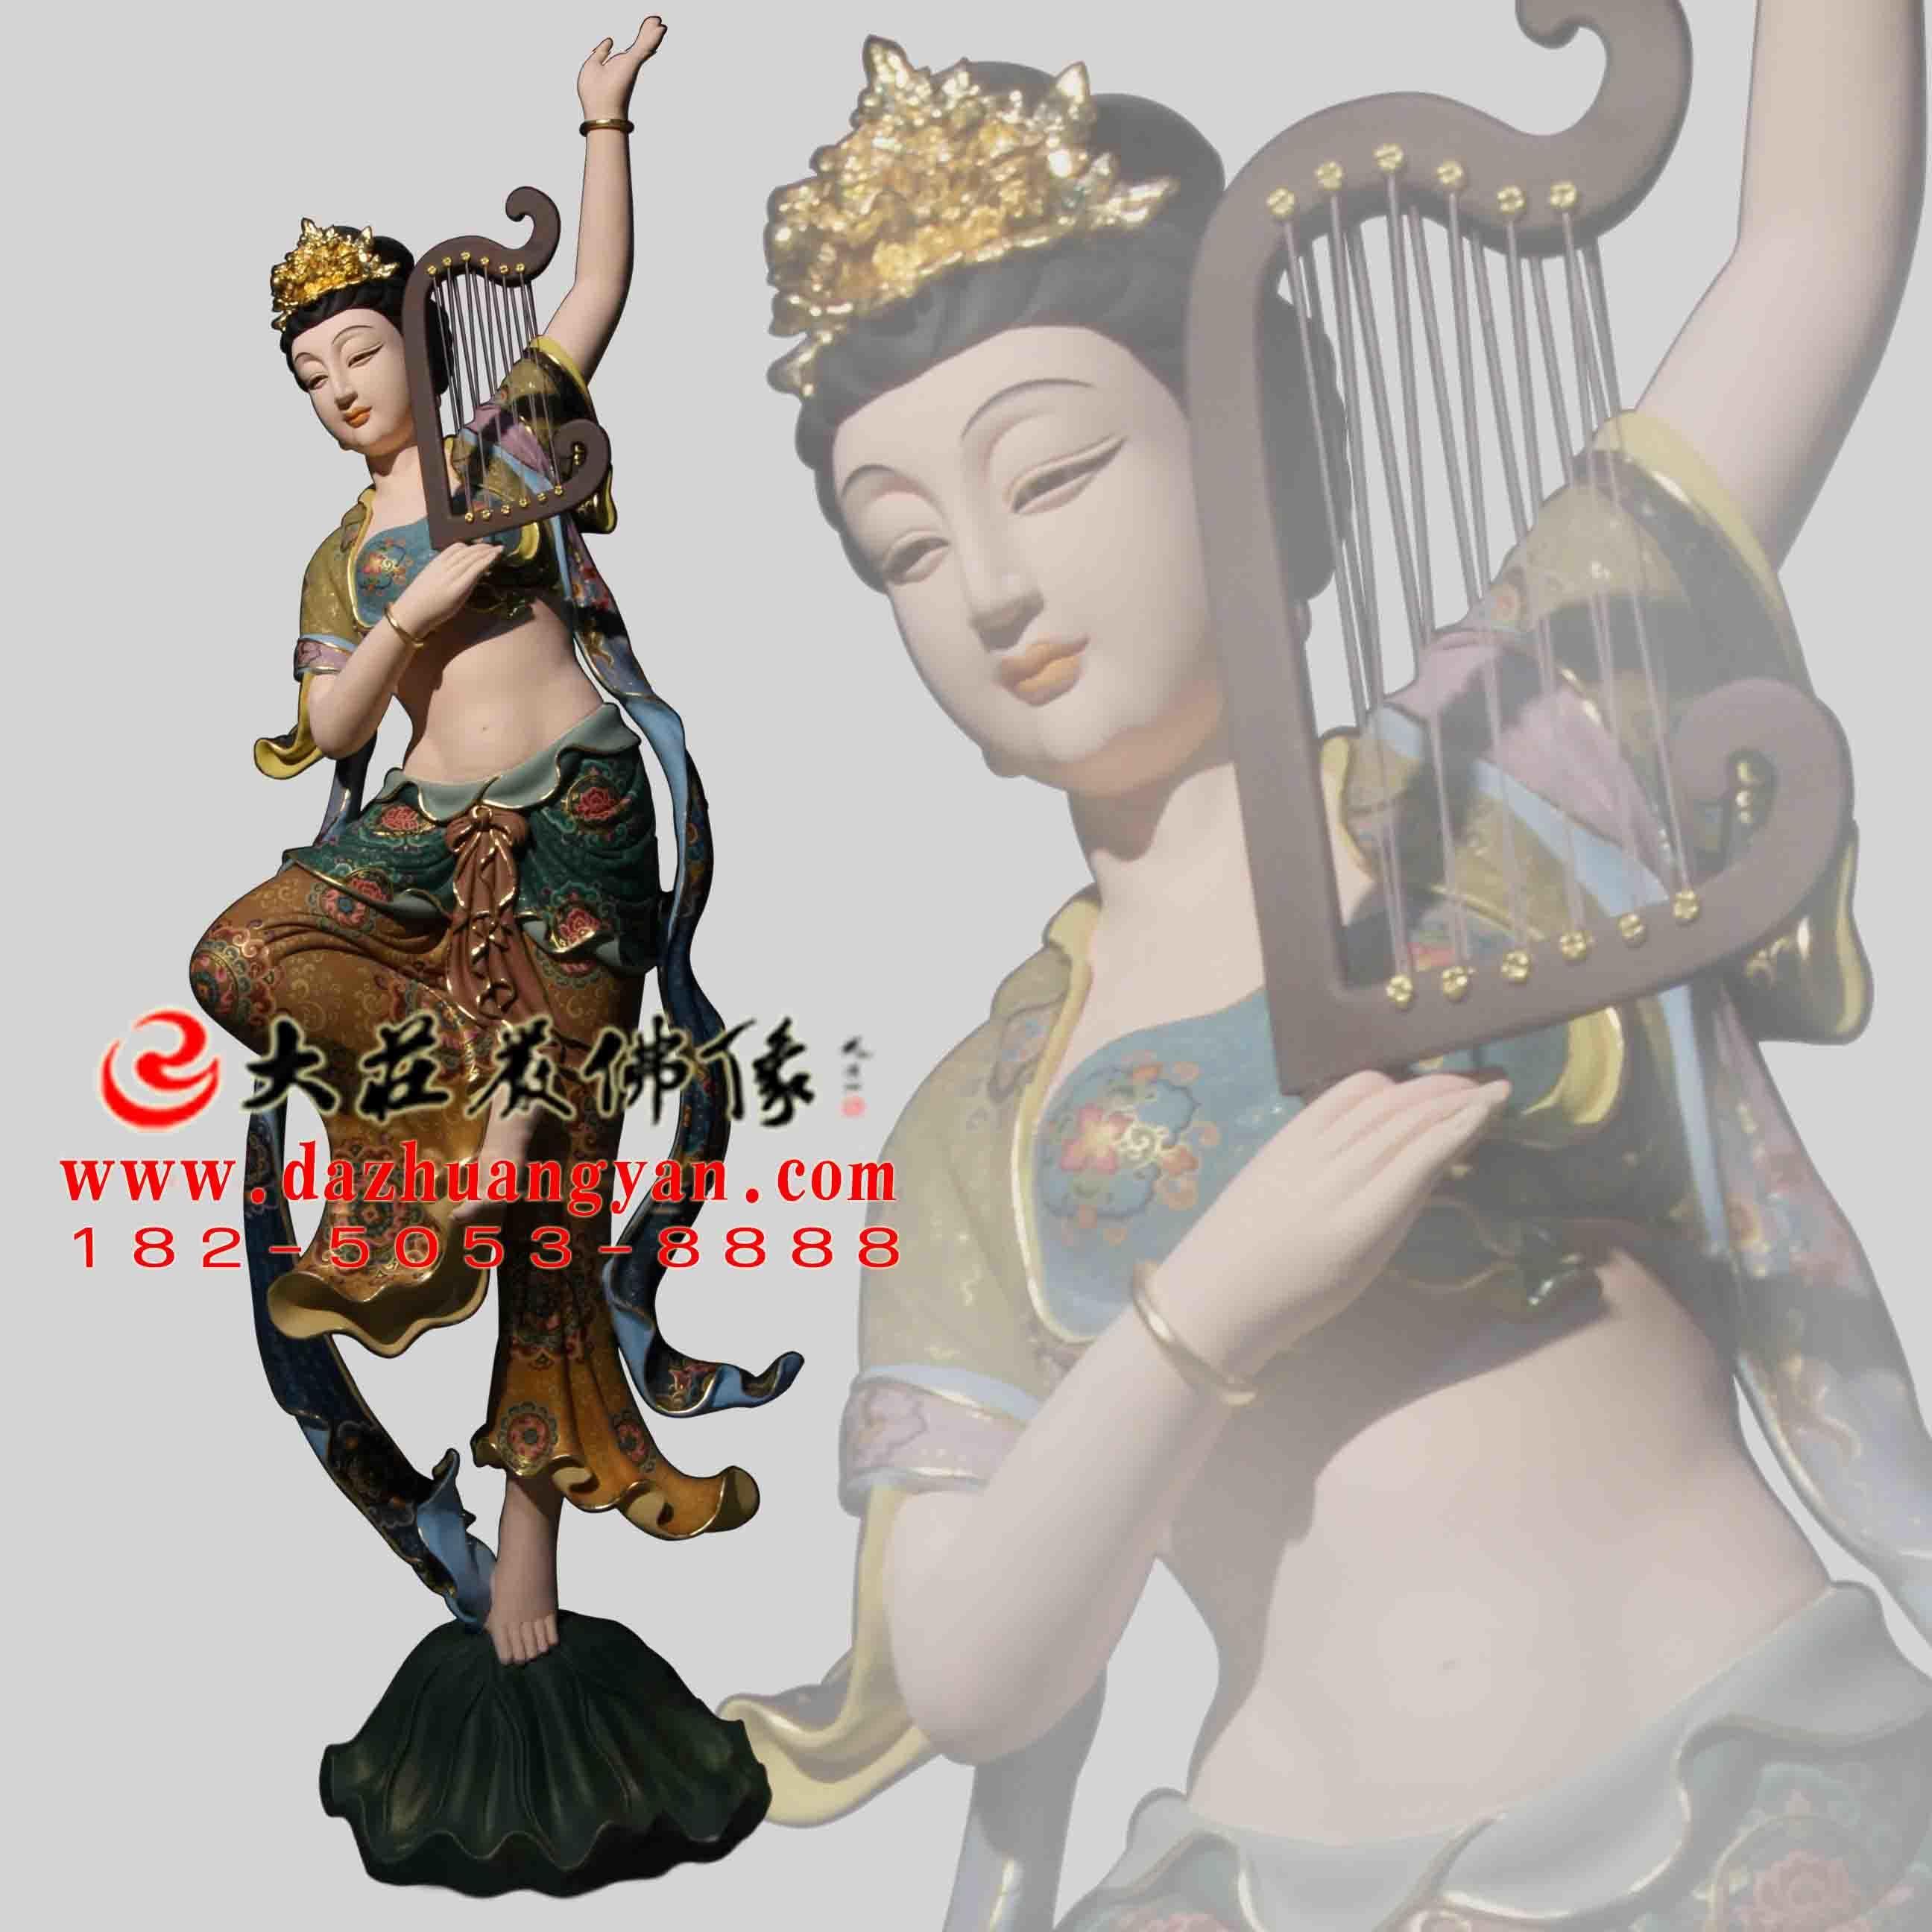 铜像箜篌伎乐天彩绘神像